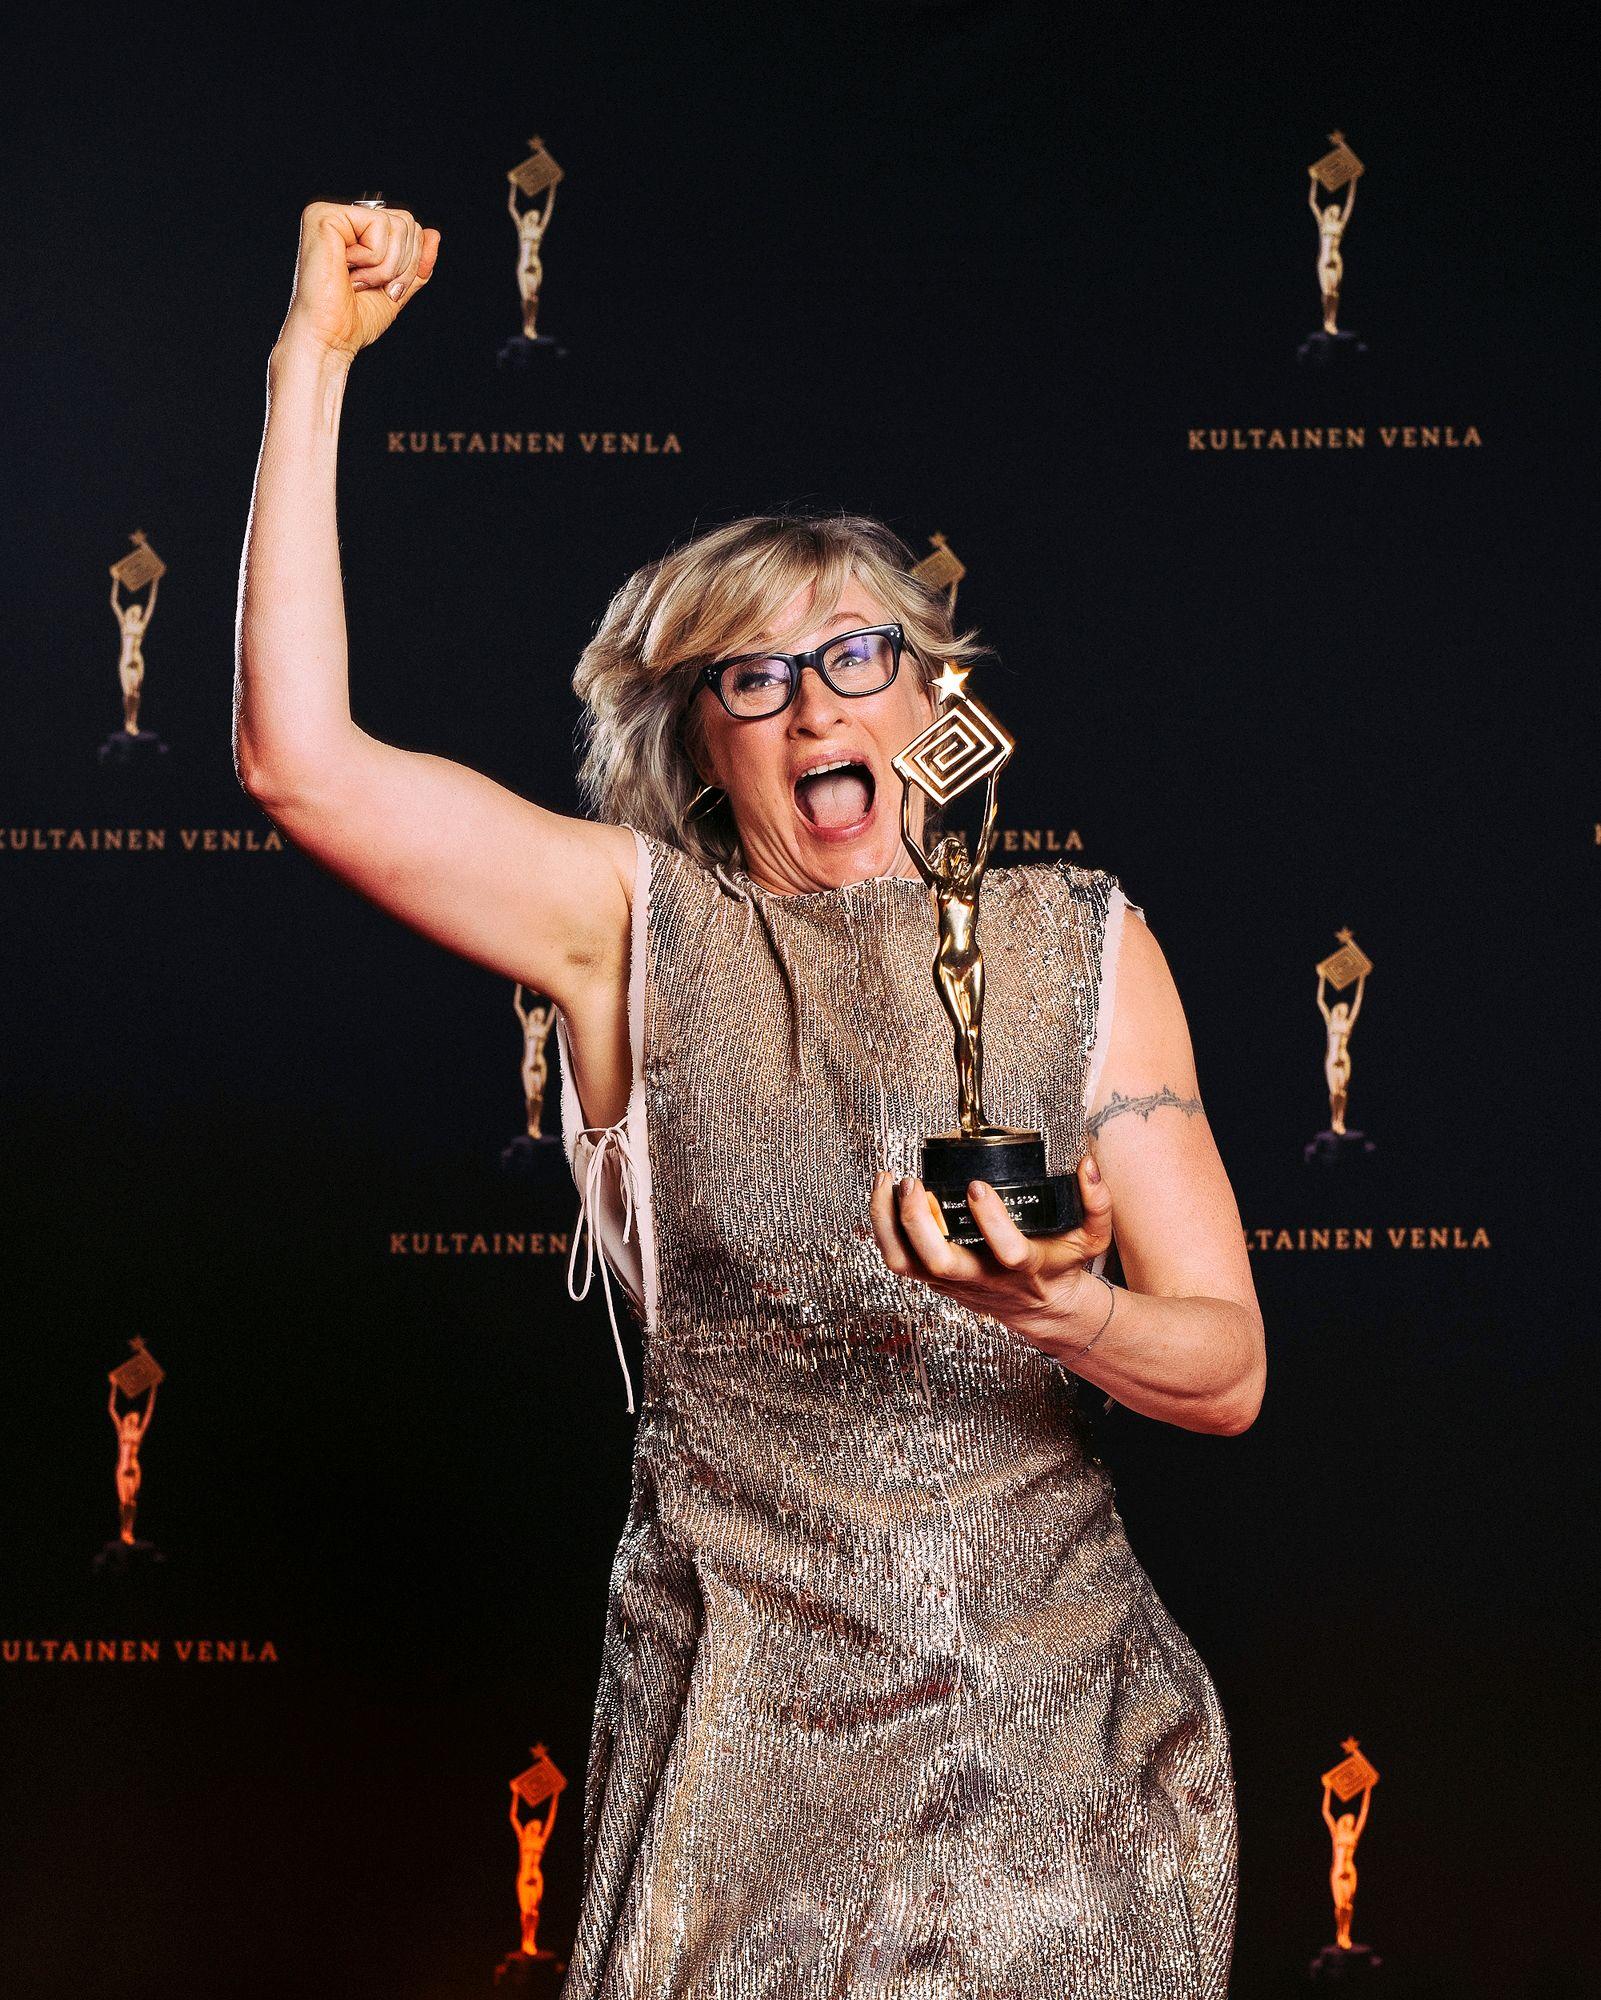 """Katja Ståhlin juontama Elämäni biisi palkittiin parhaana musiikkiviihteenä. """"Olen ensimmäistä kertaa voittamassa jotain!"""" © Julius Konttinen"""